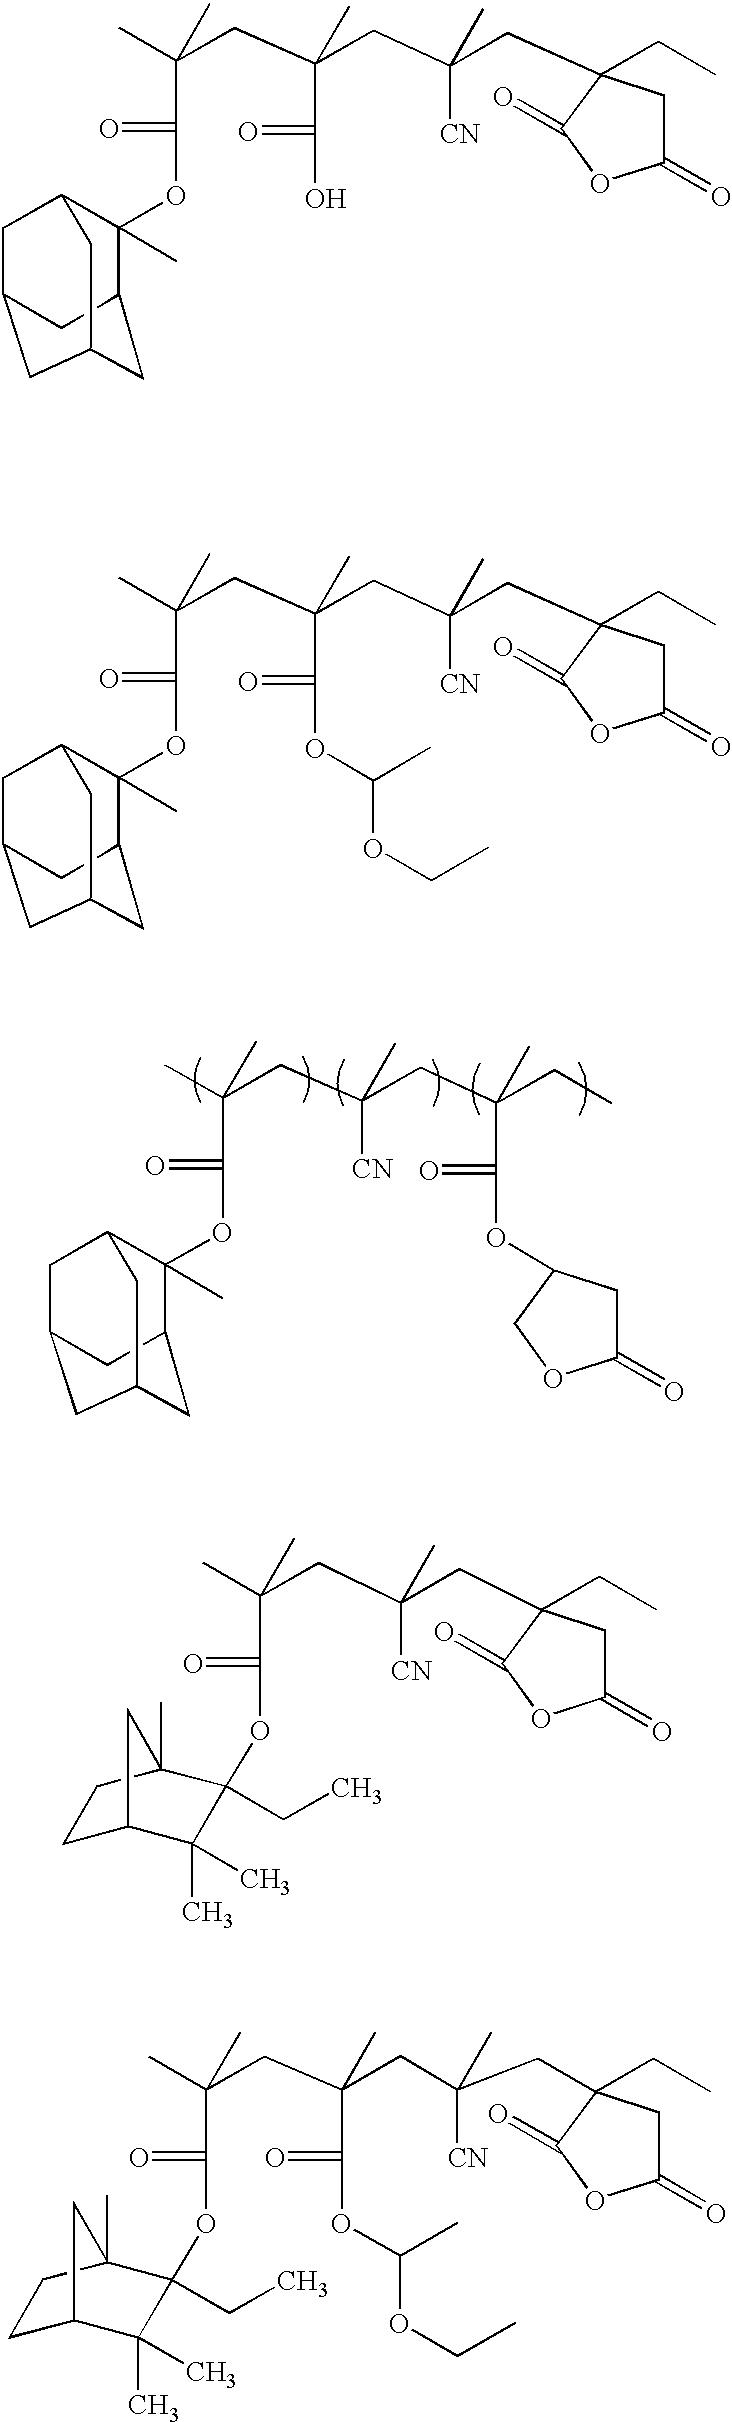 Figure US06692888-20040217-C00006